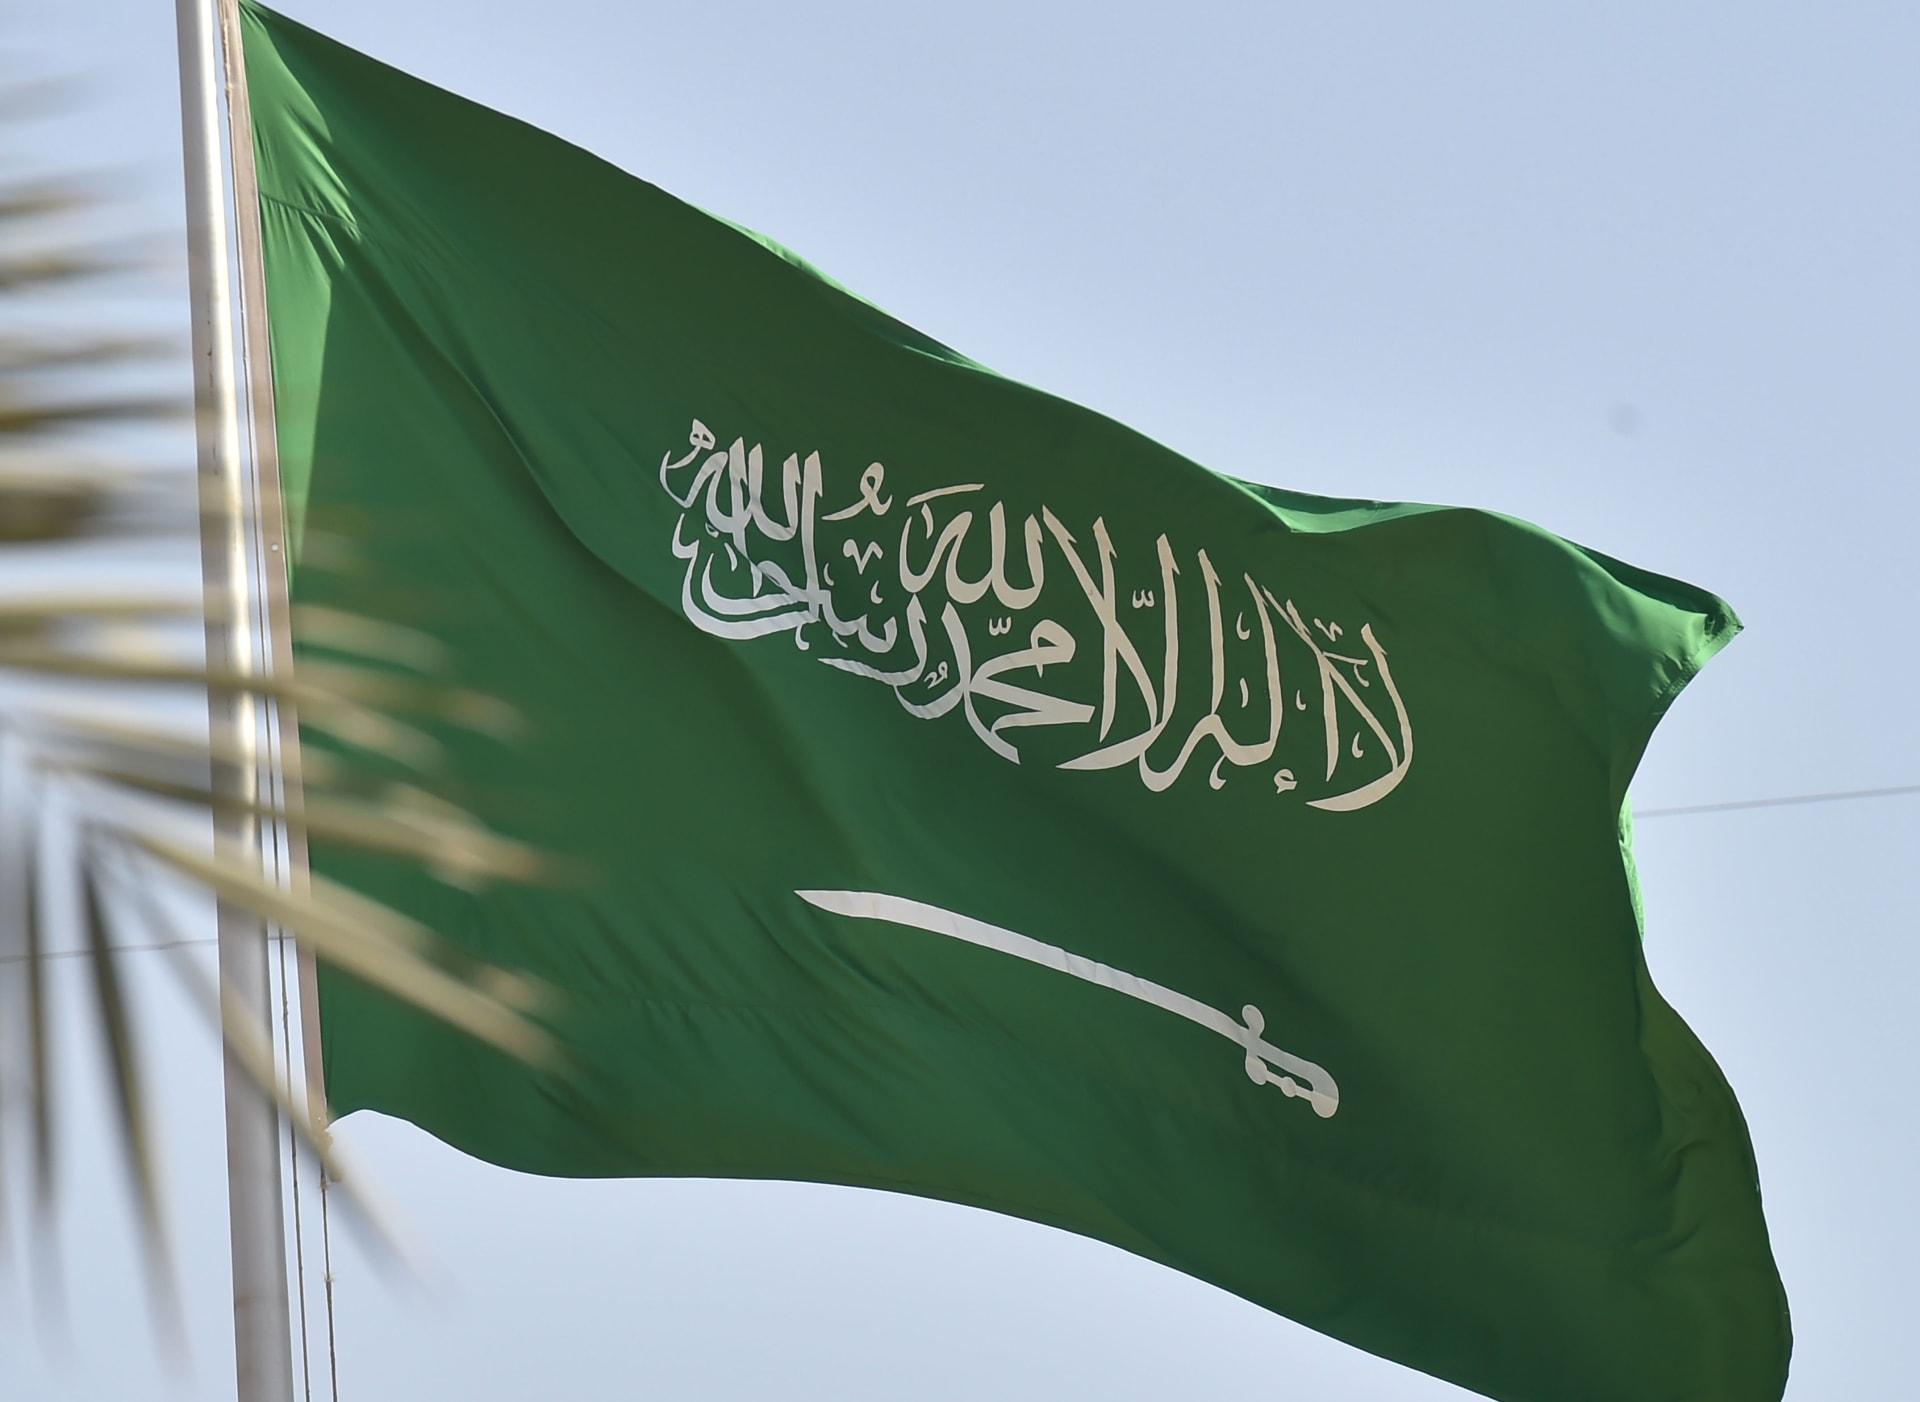 السعودية: ضبط أكثر من 15 ألف مخالف لأنظمة الإقامة والعمل وأمن الحدود بأسبوع.. وترحيل 9 آلاف